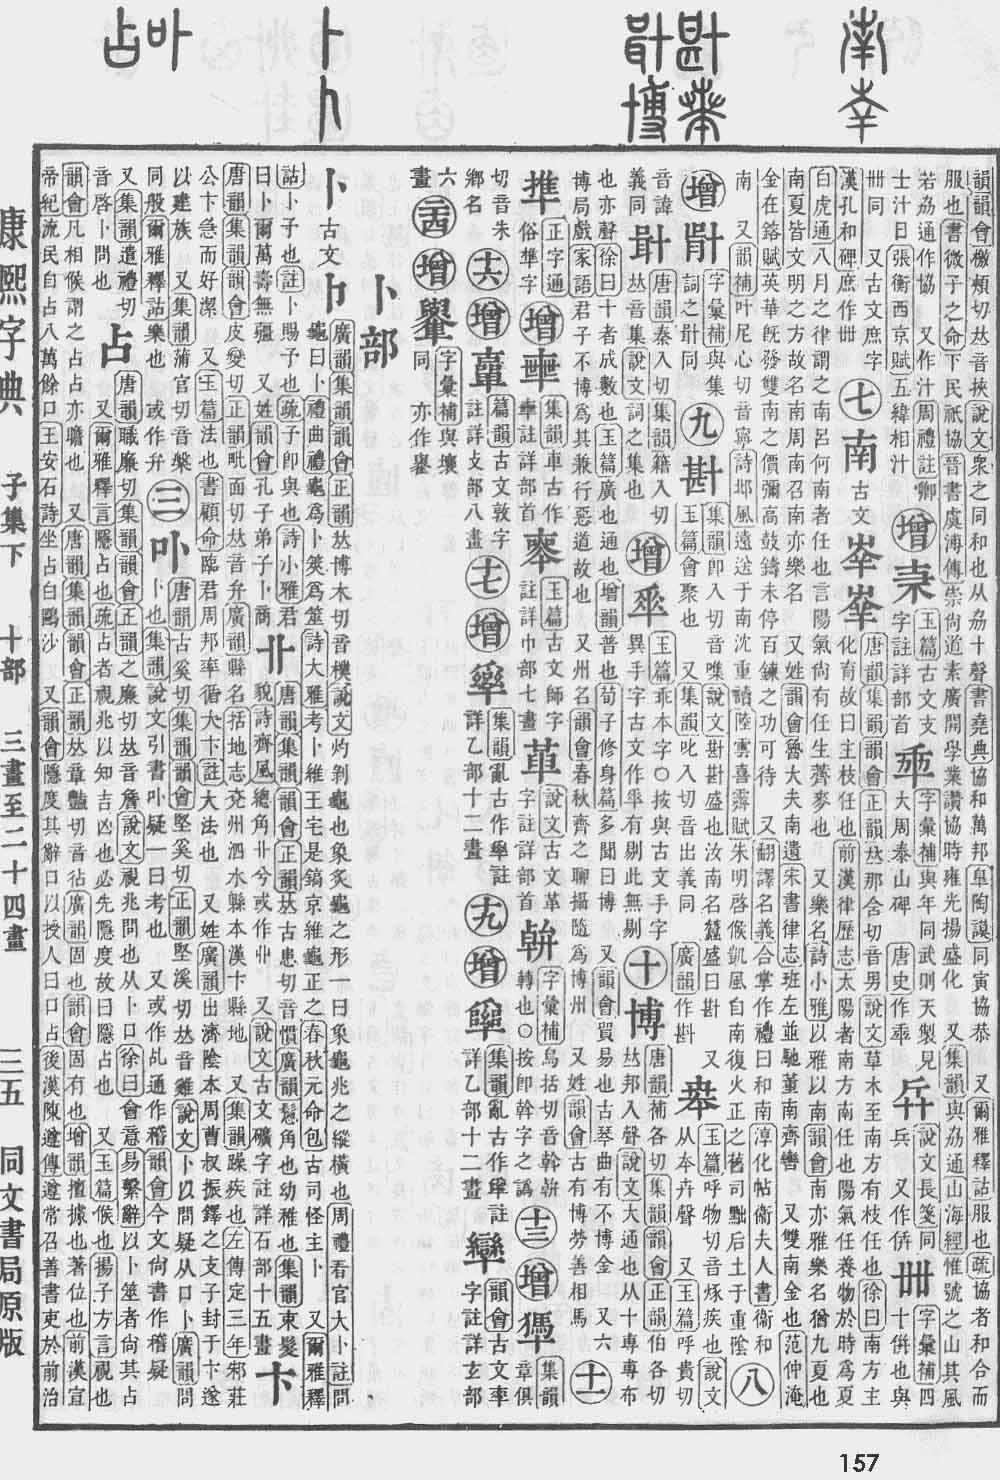 《康熙字典》第157页